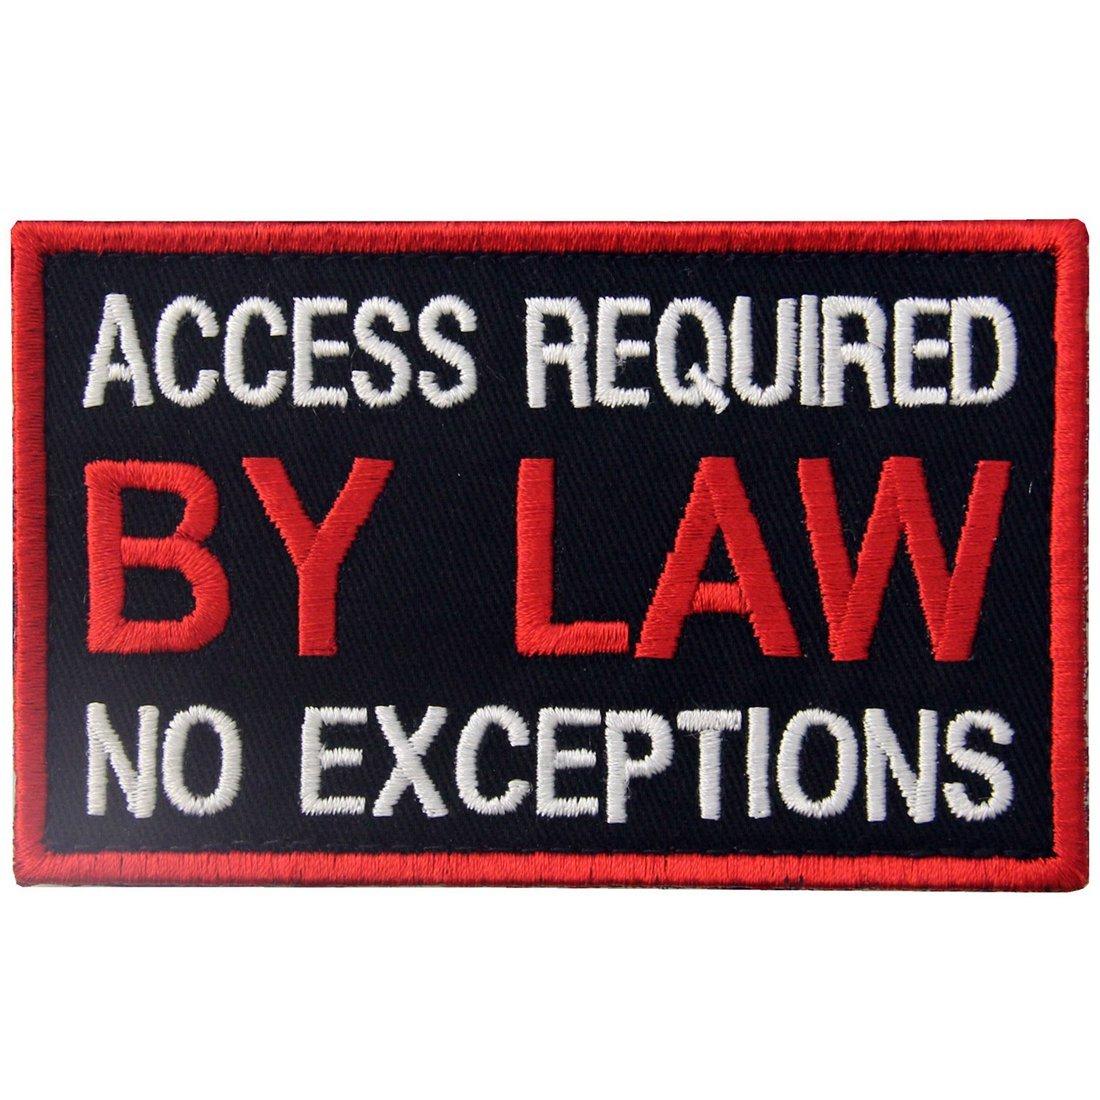 EmbTao Cane di Servizio Gilet/Imbracature Accesso richiesto dalla Legge Nessuna eccezione con Fissaggio Chiusura a uncino e asola Ricamata Toppa